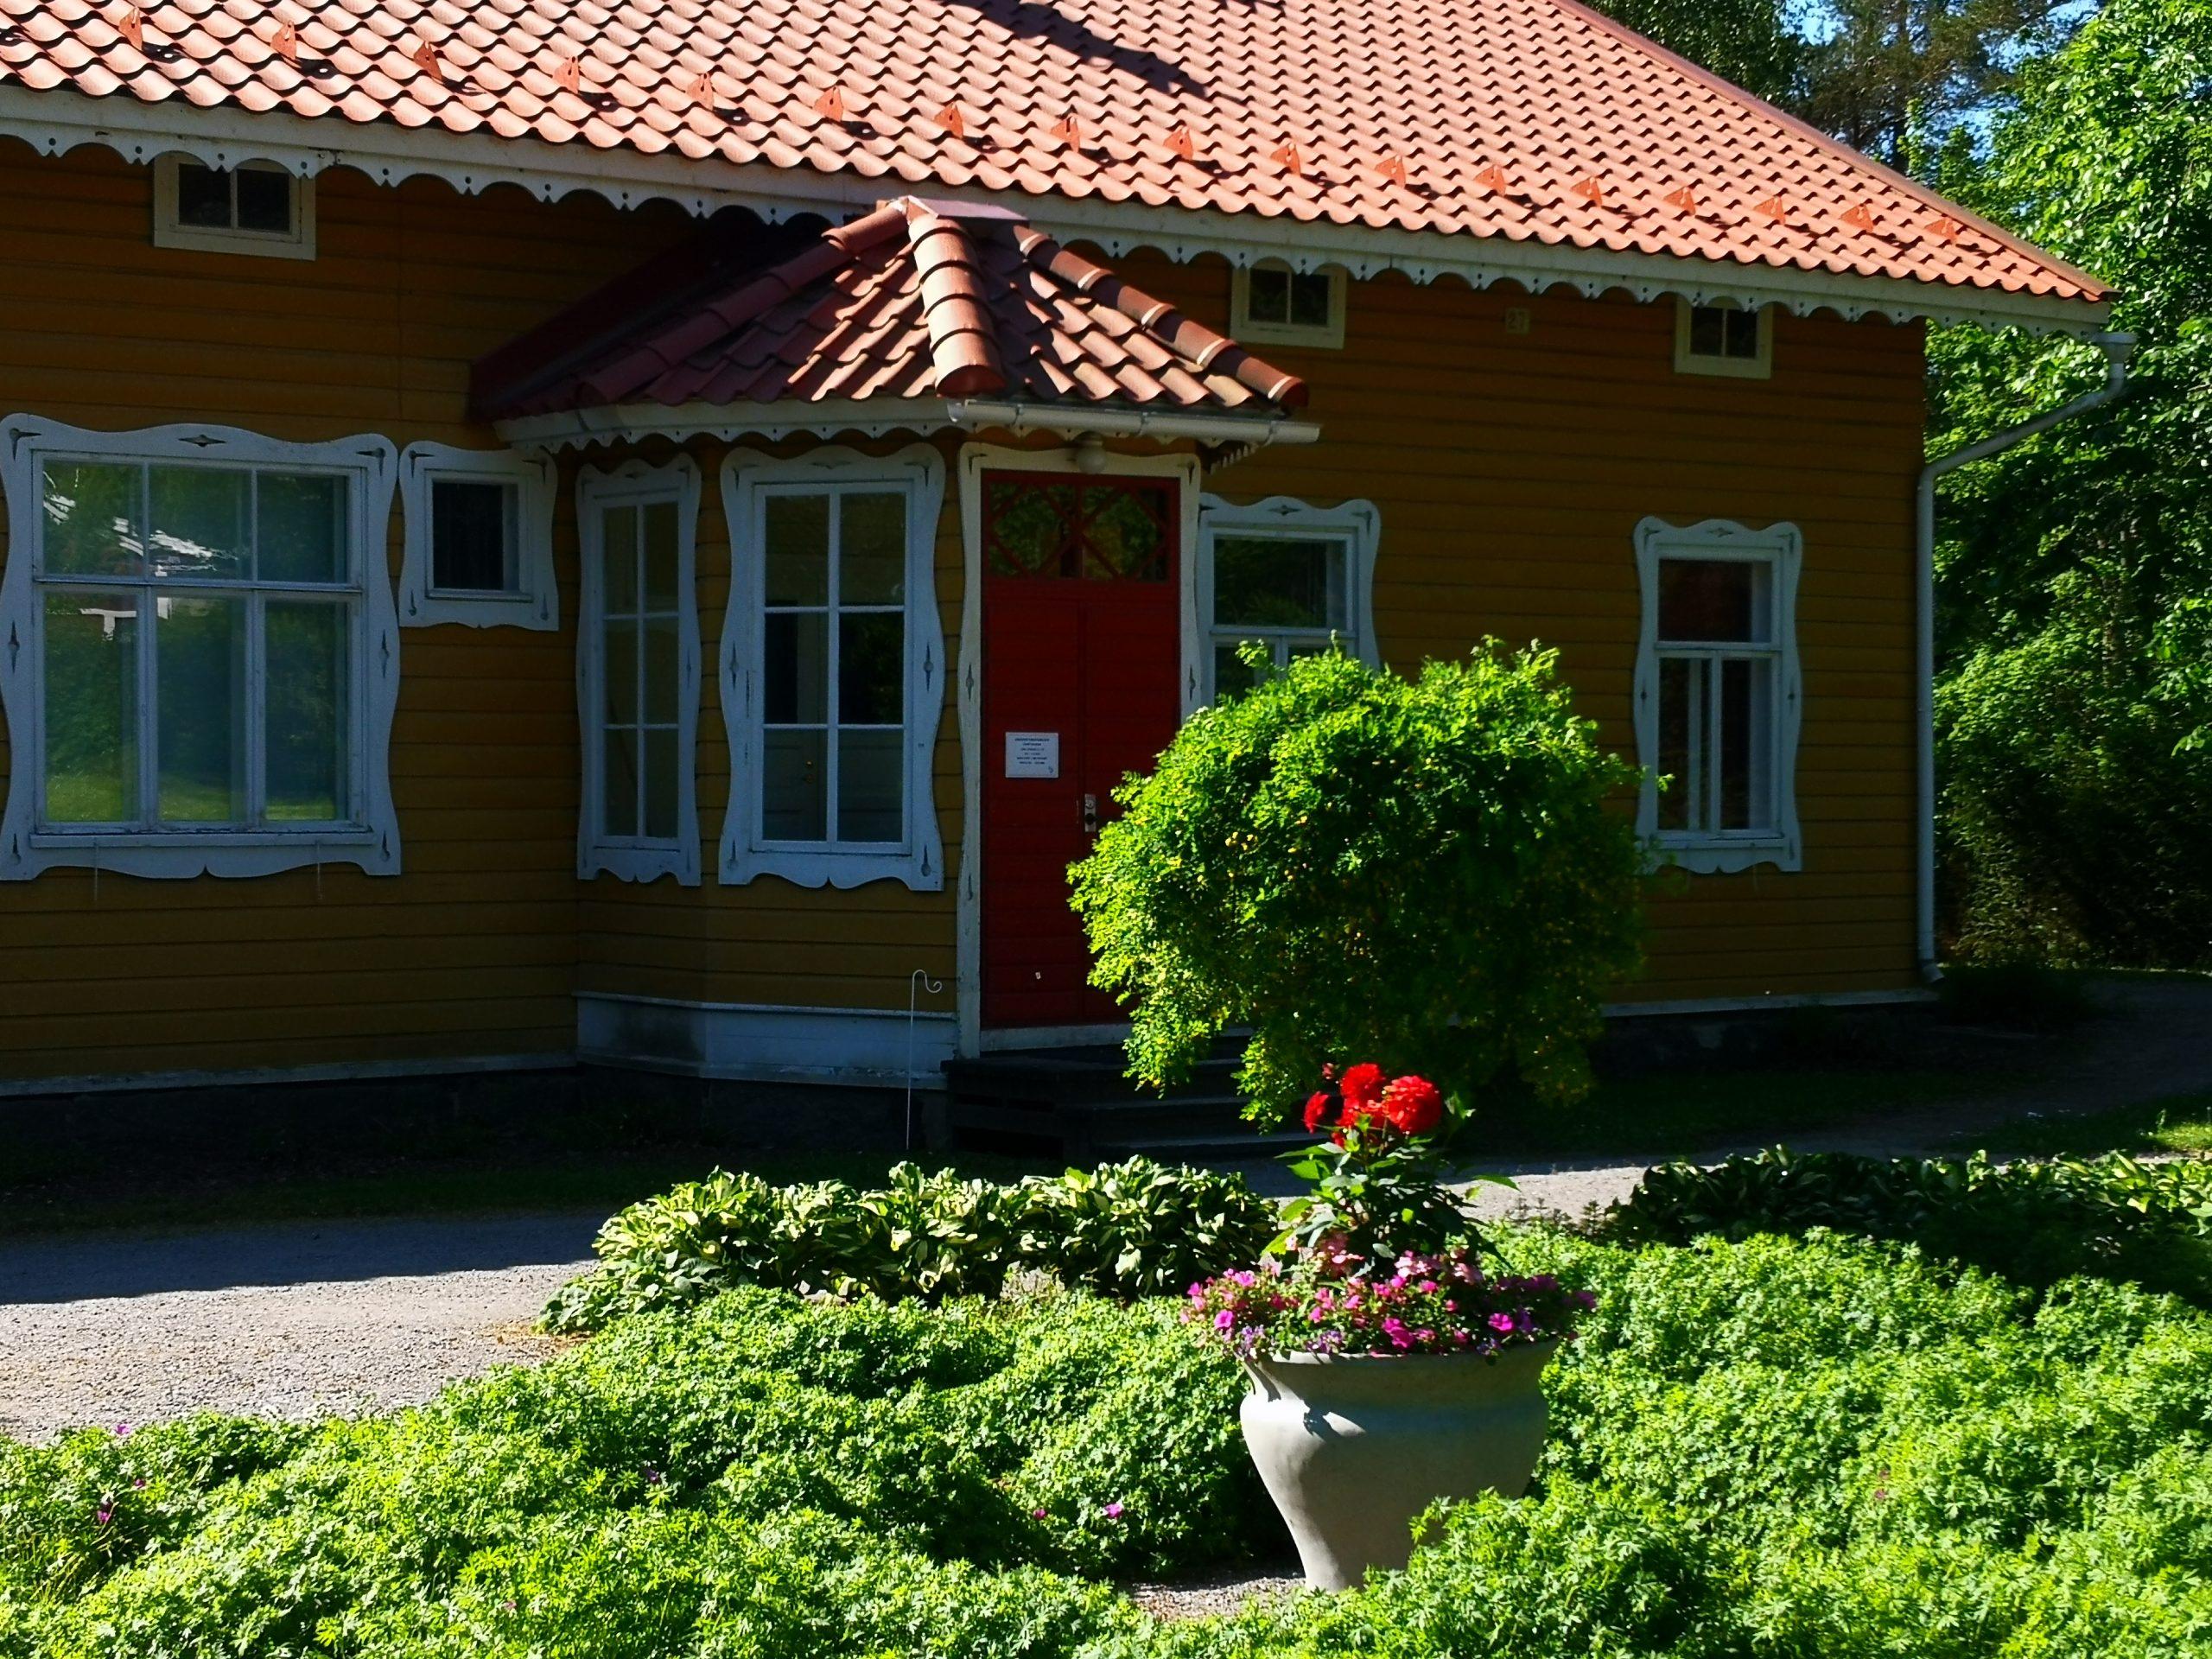 Vanha keltainen puurakennus punaisine kattoineen. Ulkoneva kuisti ja kauniisti muotoiltu etupuutarha.